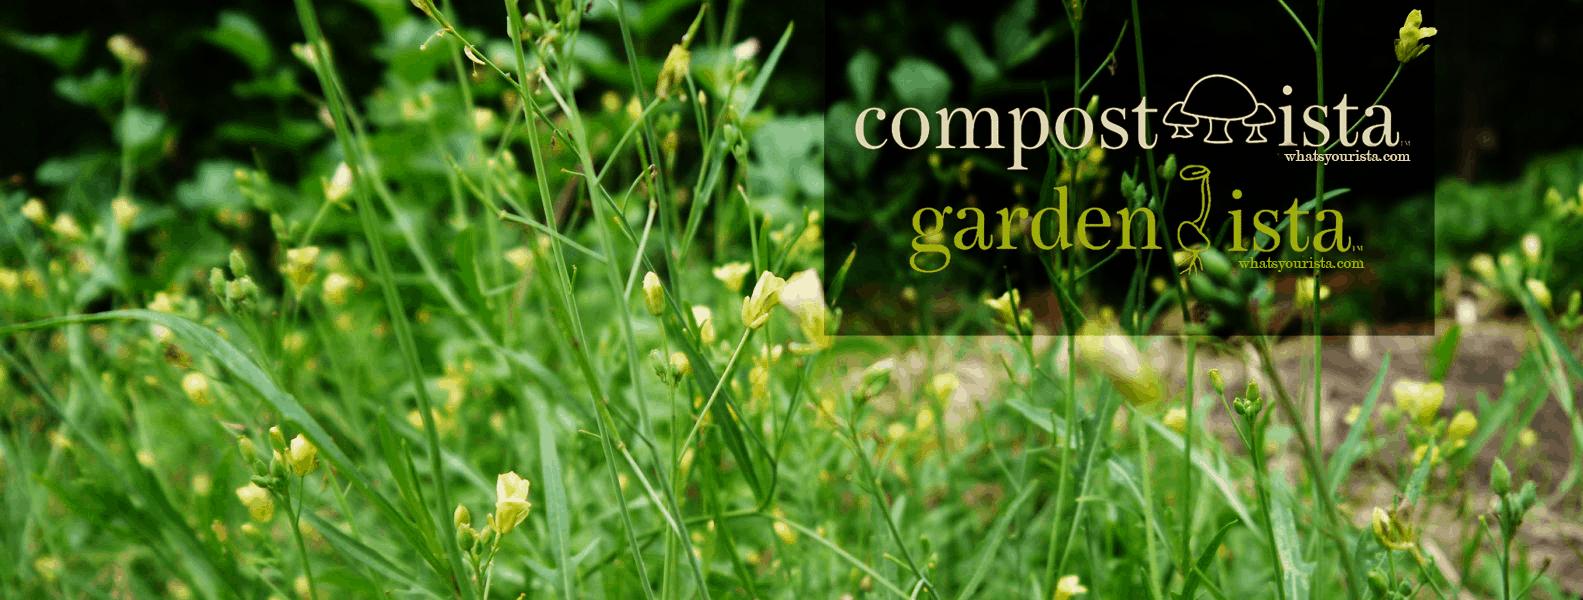 Gardenista and Compostista at tyrantfarms.com